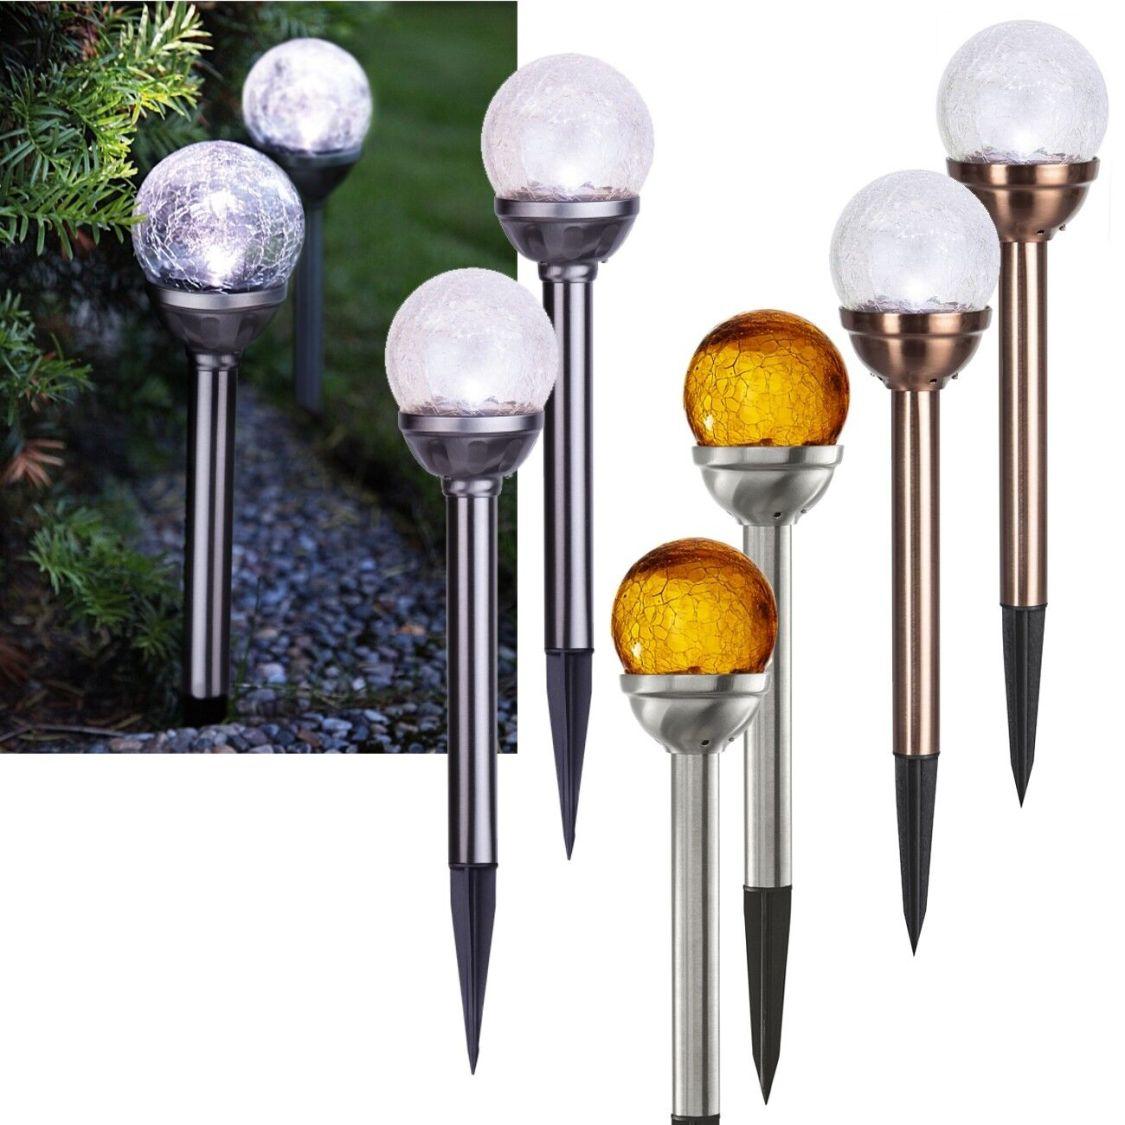 2er Set Solar Kugel Leuchte 29x8cm LED Garten Leuchte Glas-Kugel Kugellampe